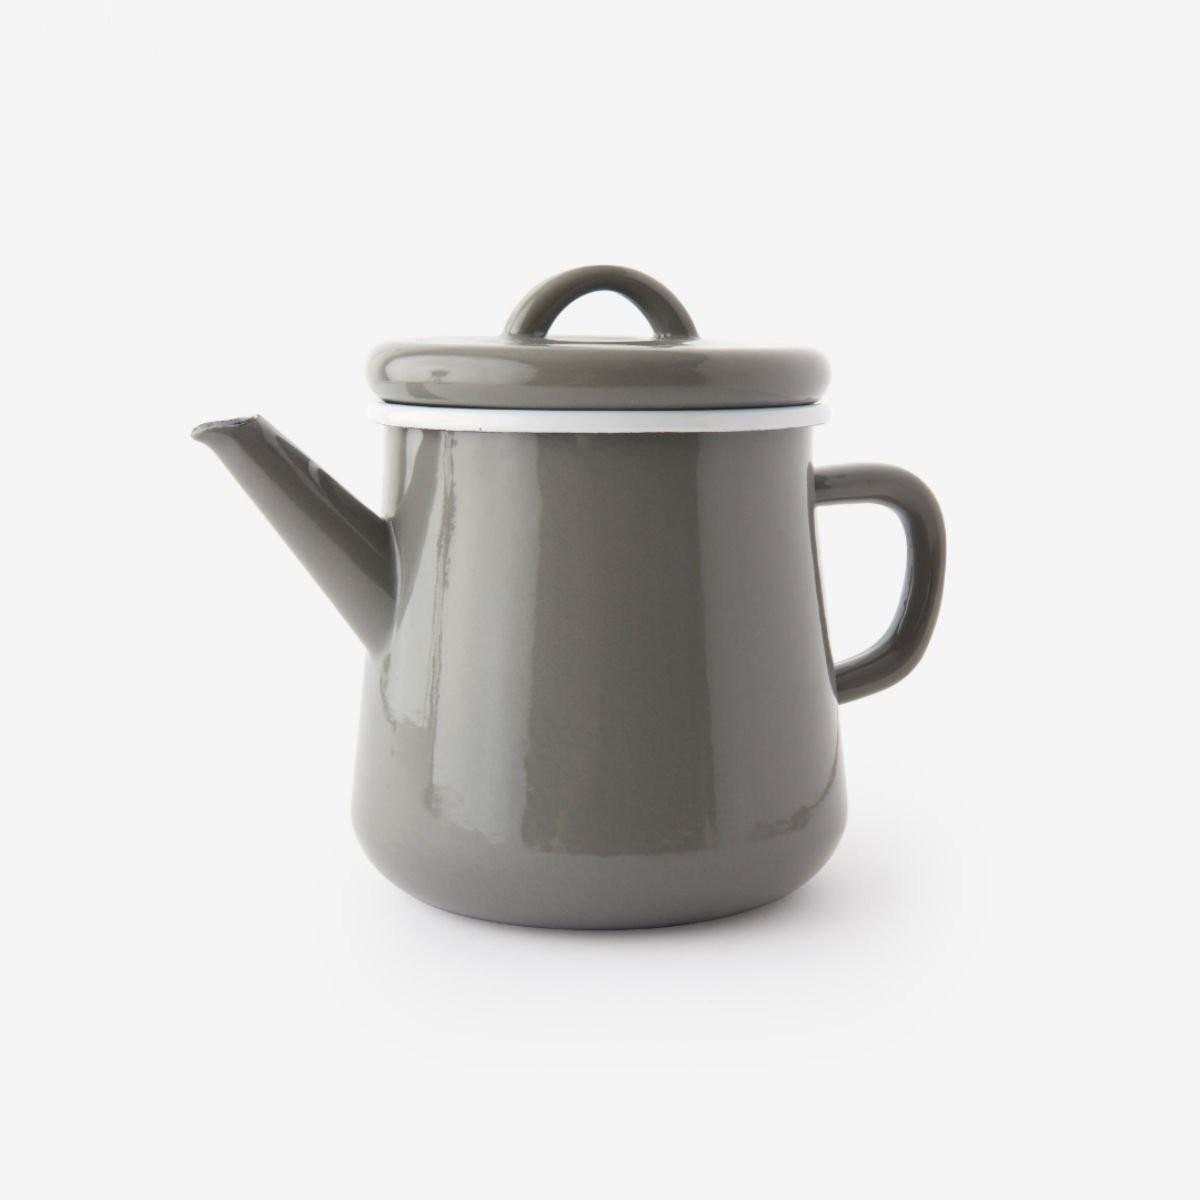 Šedá čajová konvice